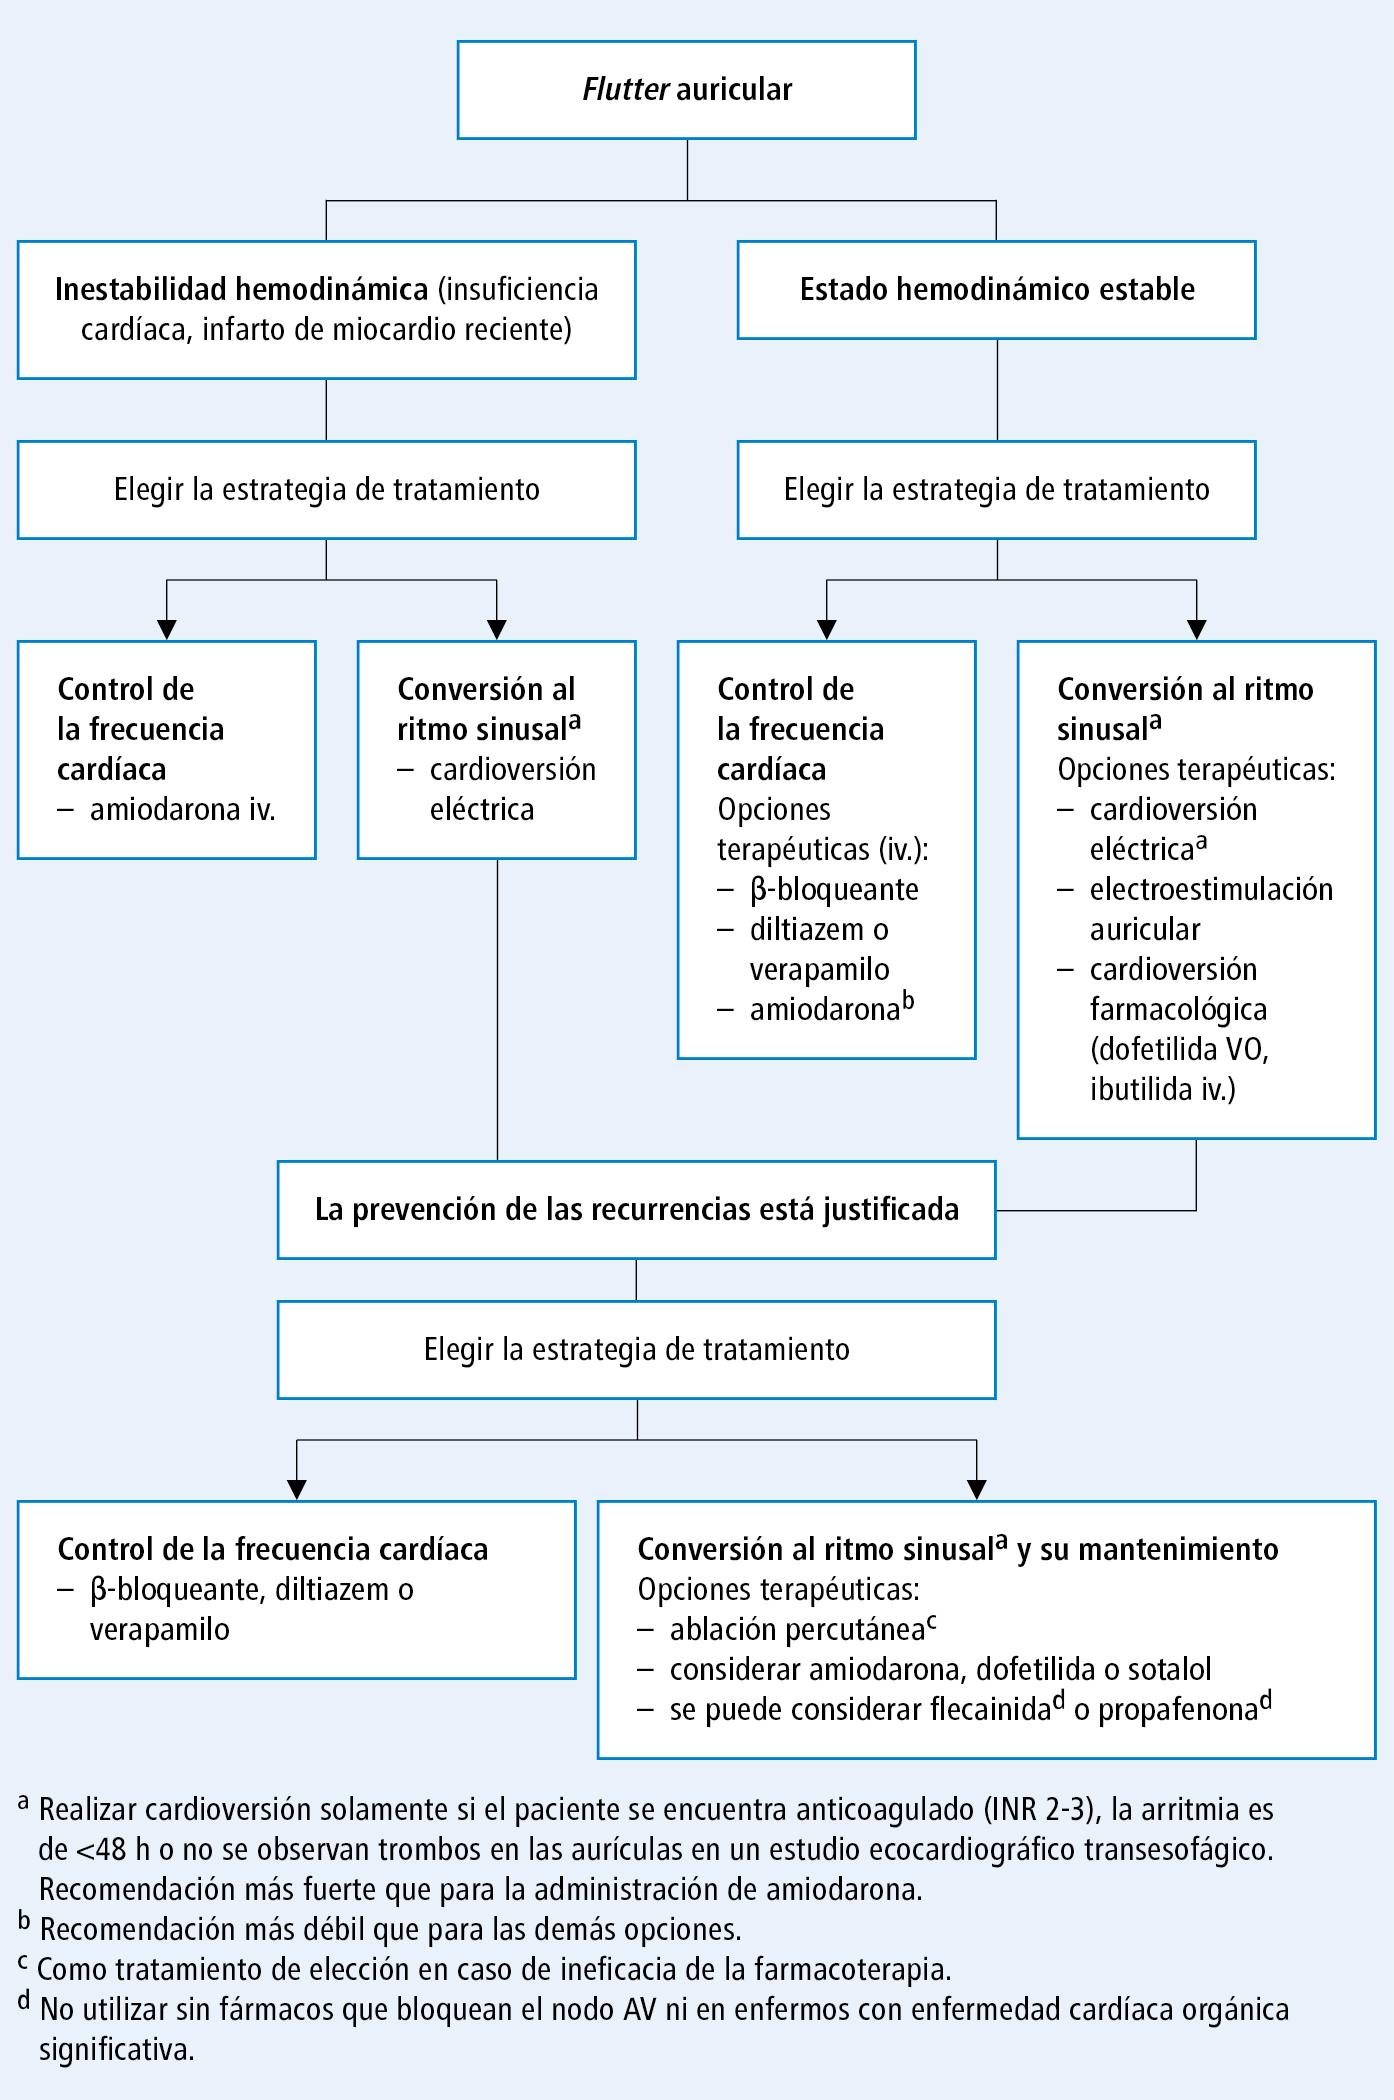 Tratamiento del  flutter  auricular (según las guías de la ACC, AHA y HRS 2015, y el acuerdo de la EHRA, modificado)